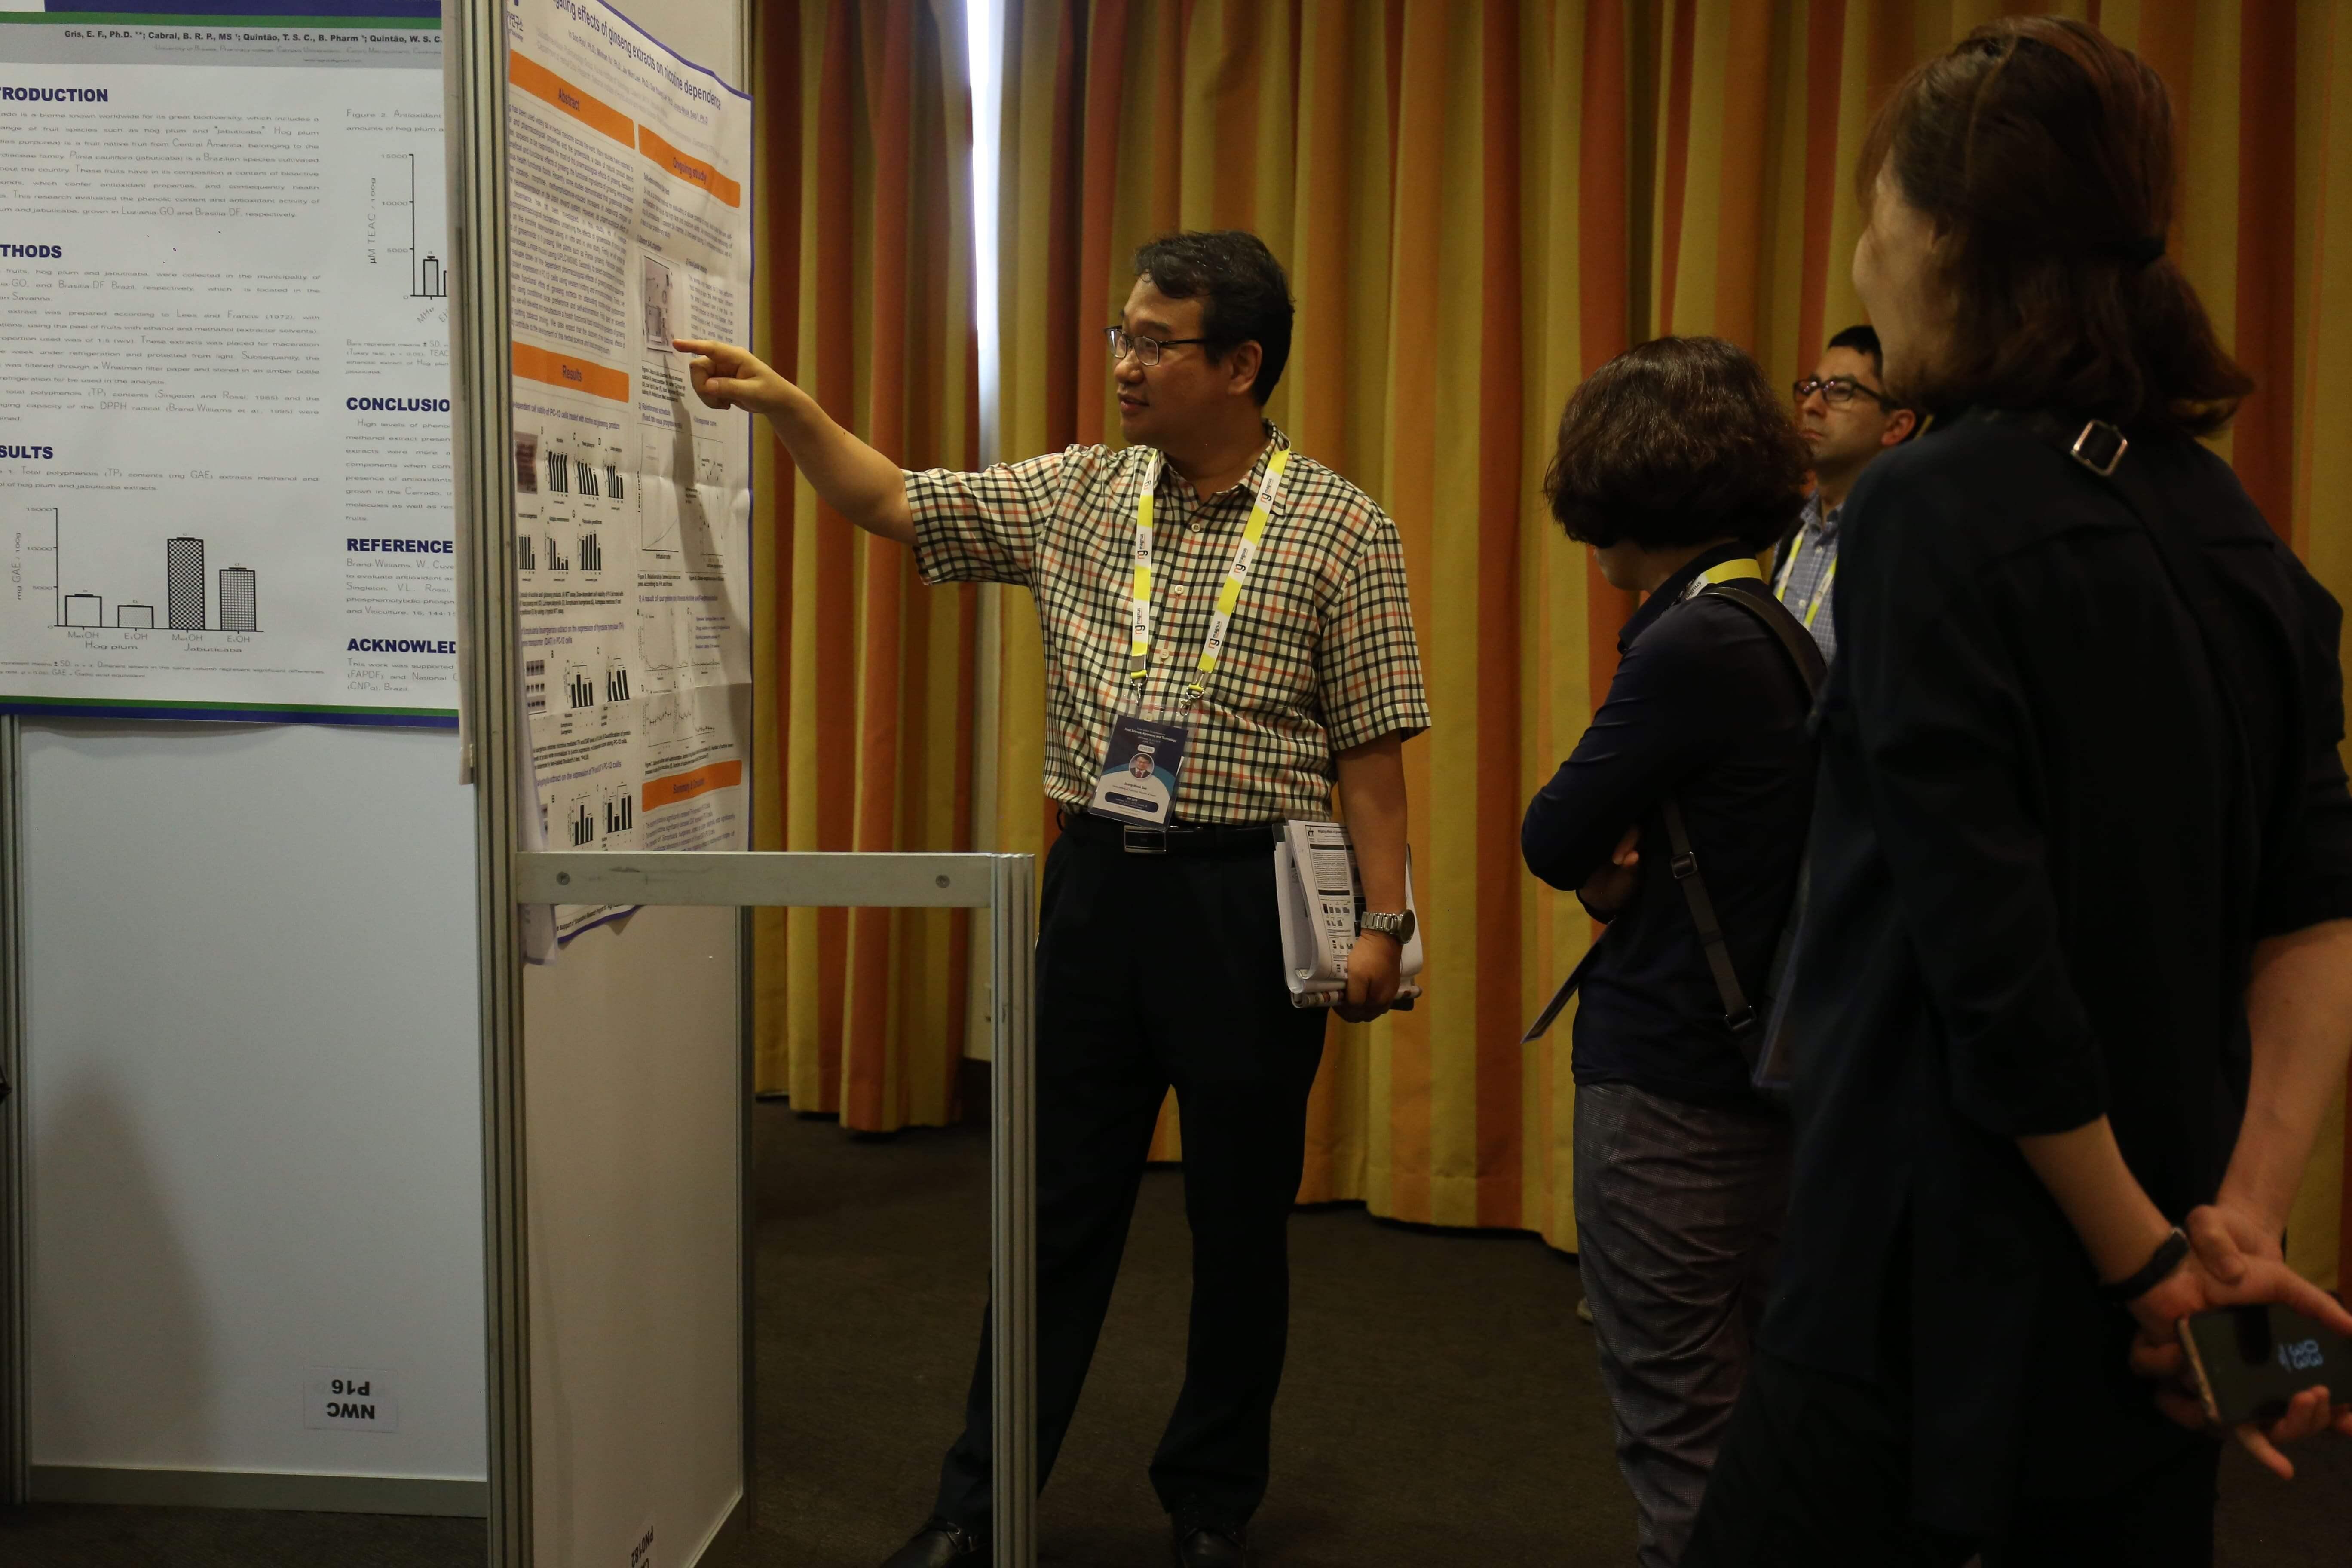 plant science conferences